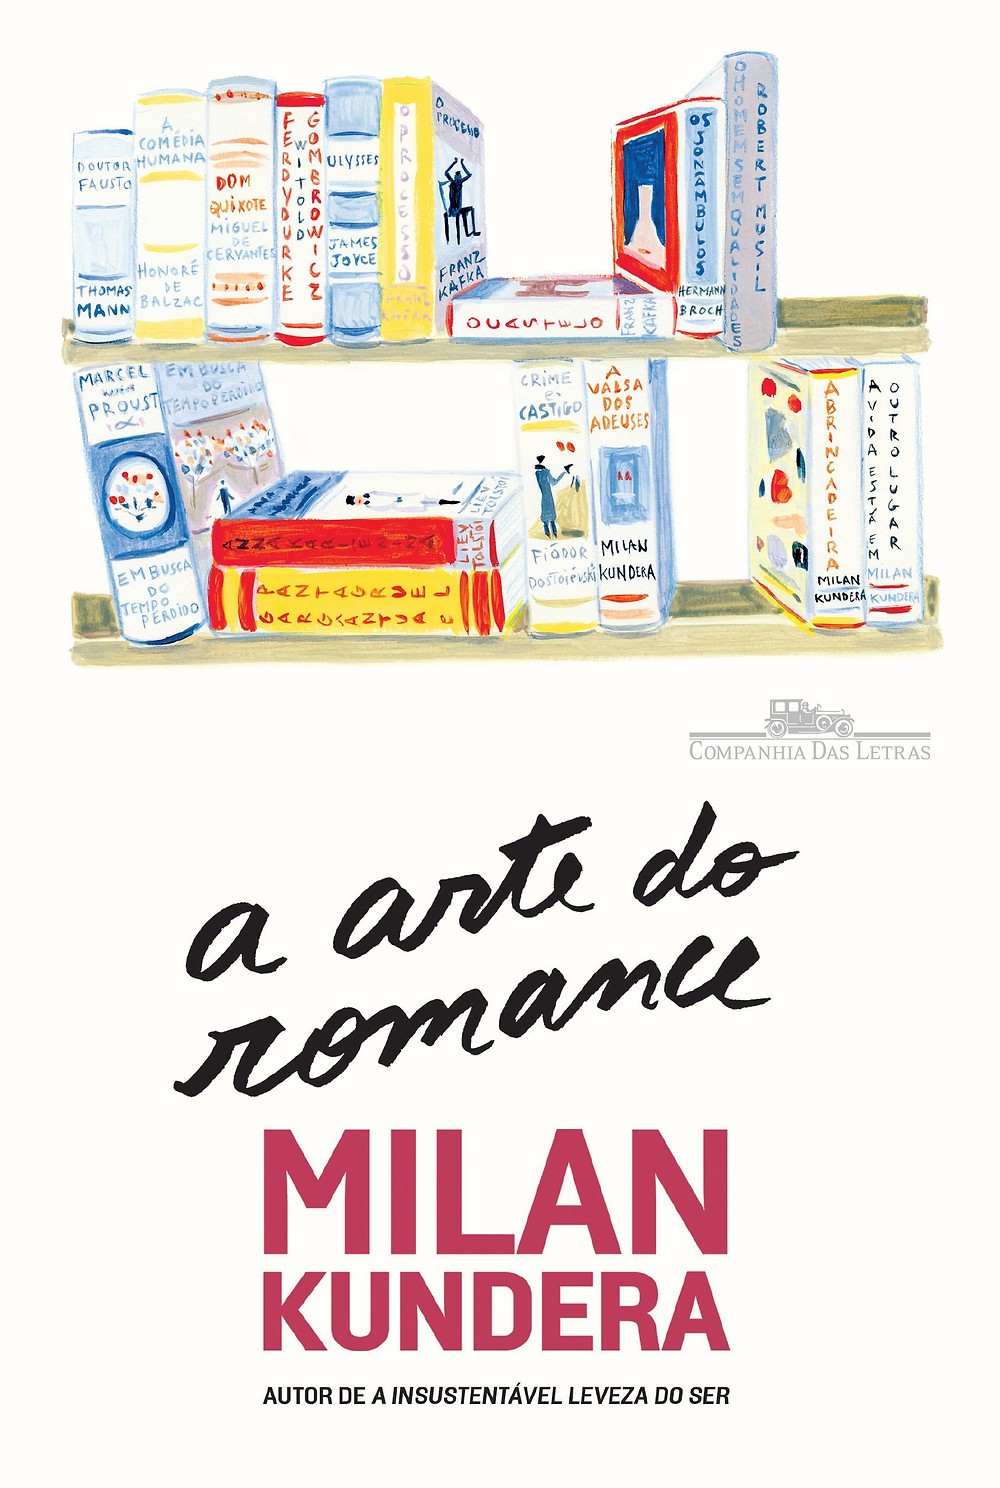 A Arte do Romance de Milan Kundera